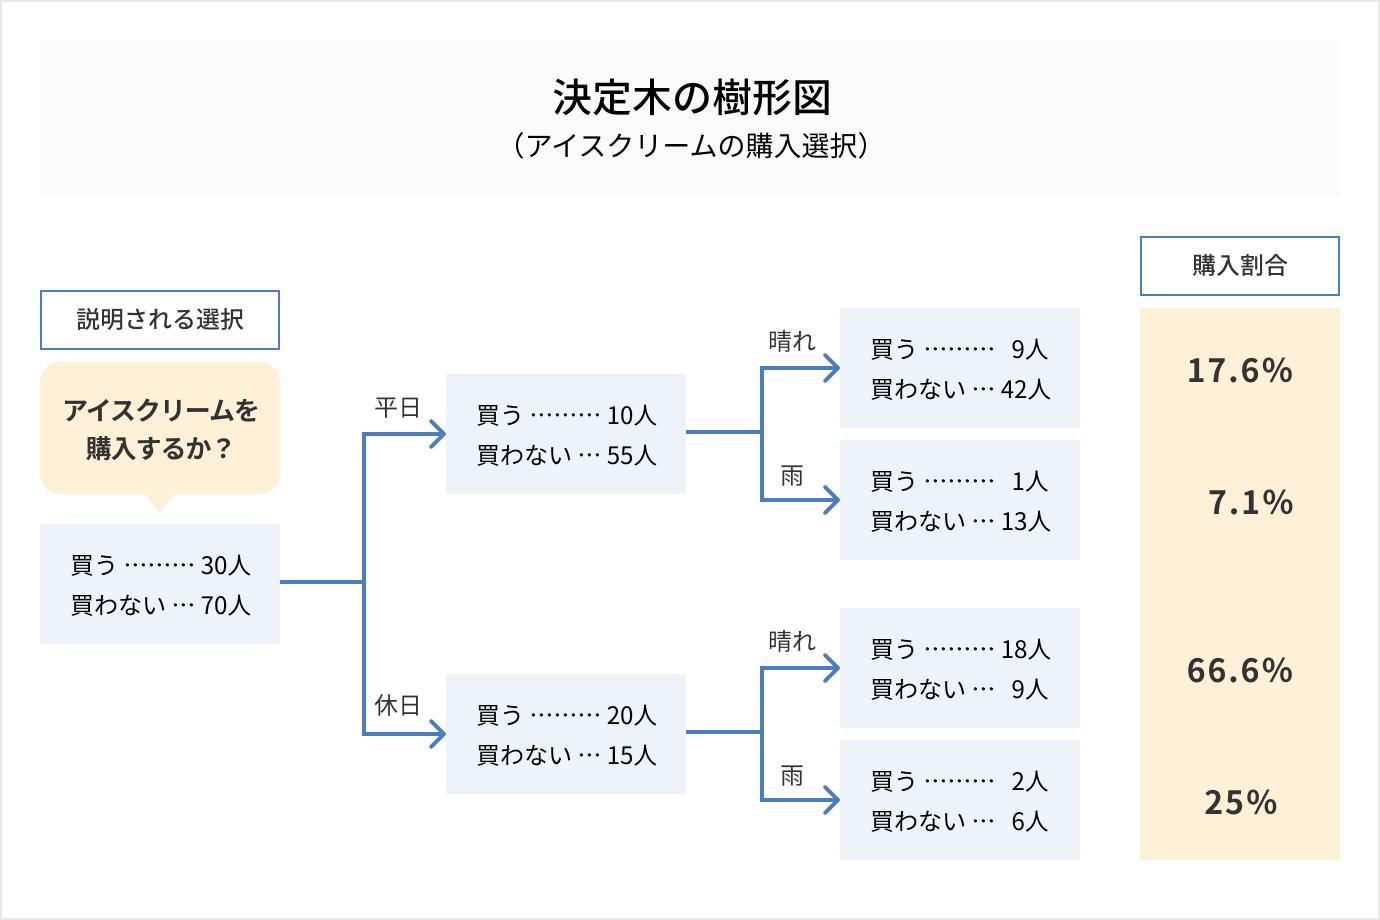 分類木とは_決定木分析(ディシジョンツリー)とは?概要や活用方法、ランダムフォレストも解説